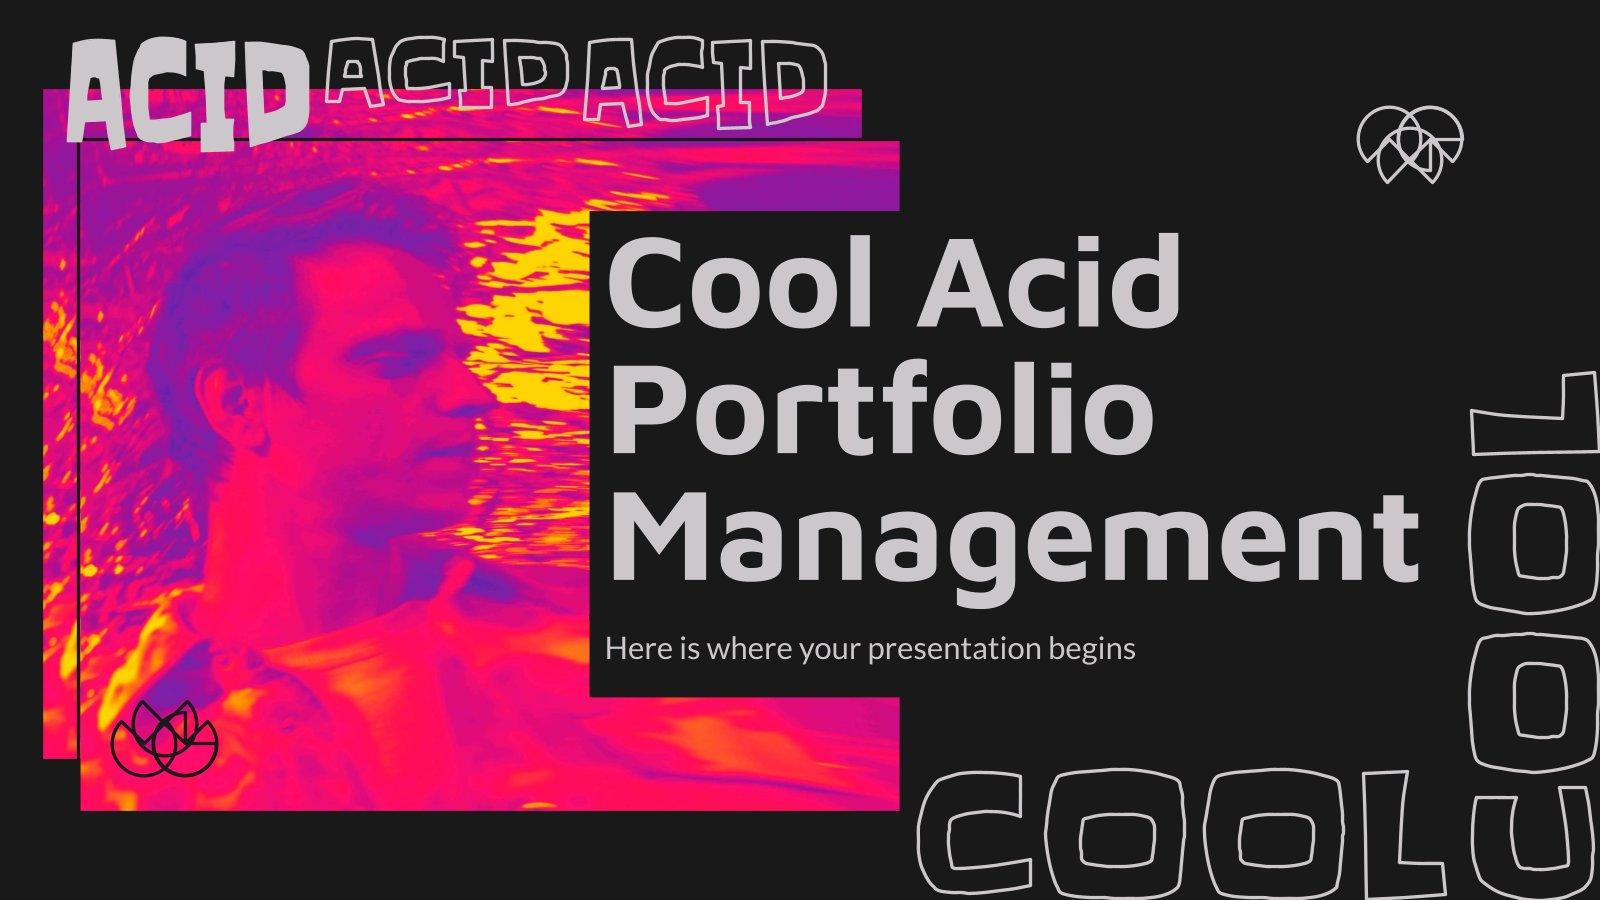 Plantilla de presentación Portafolio ácido para managers